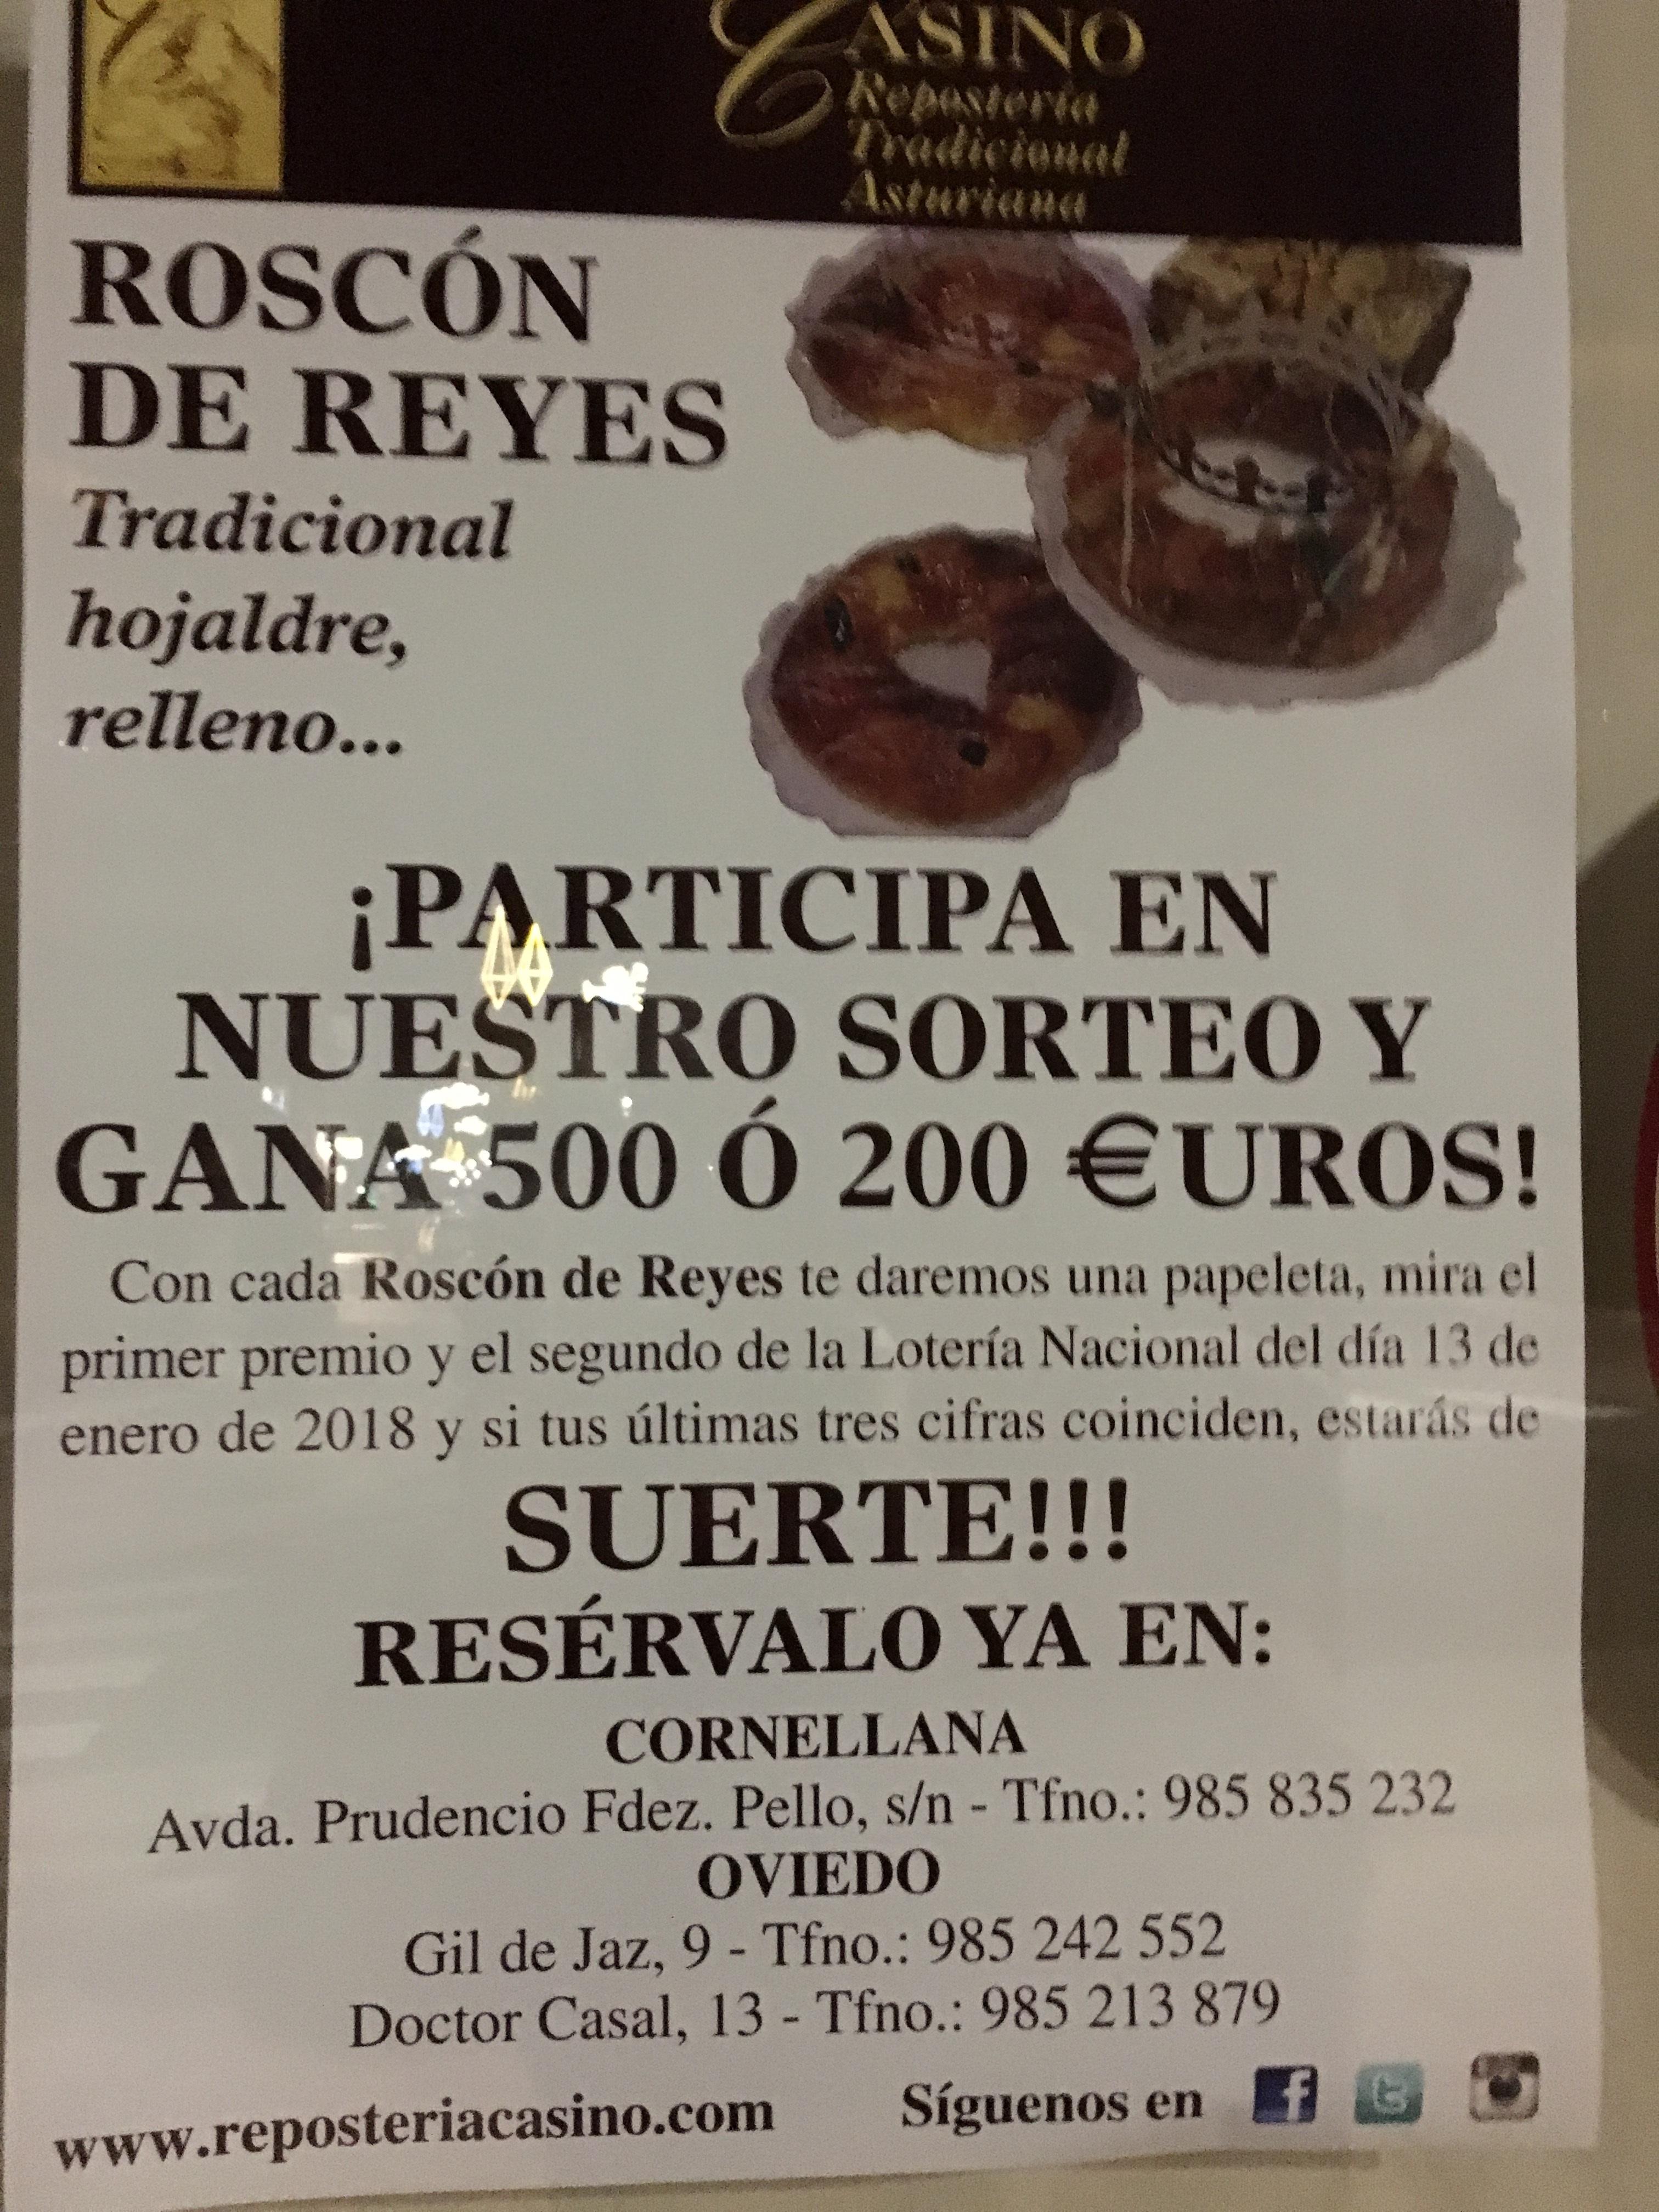 Premios de 500 y 200 euros con nuestros Roscones